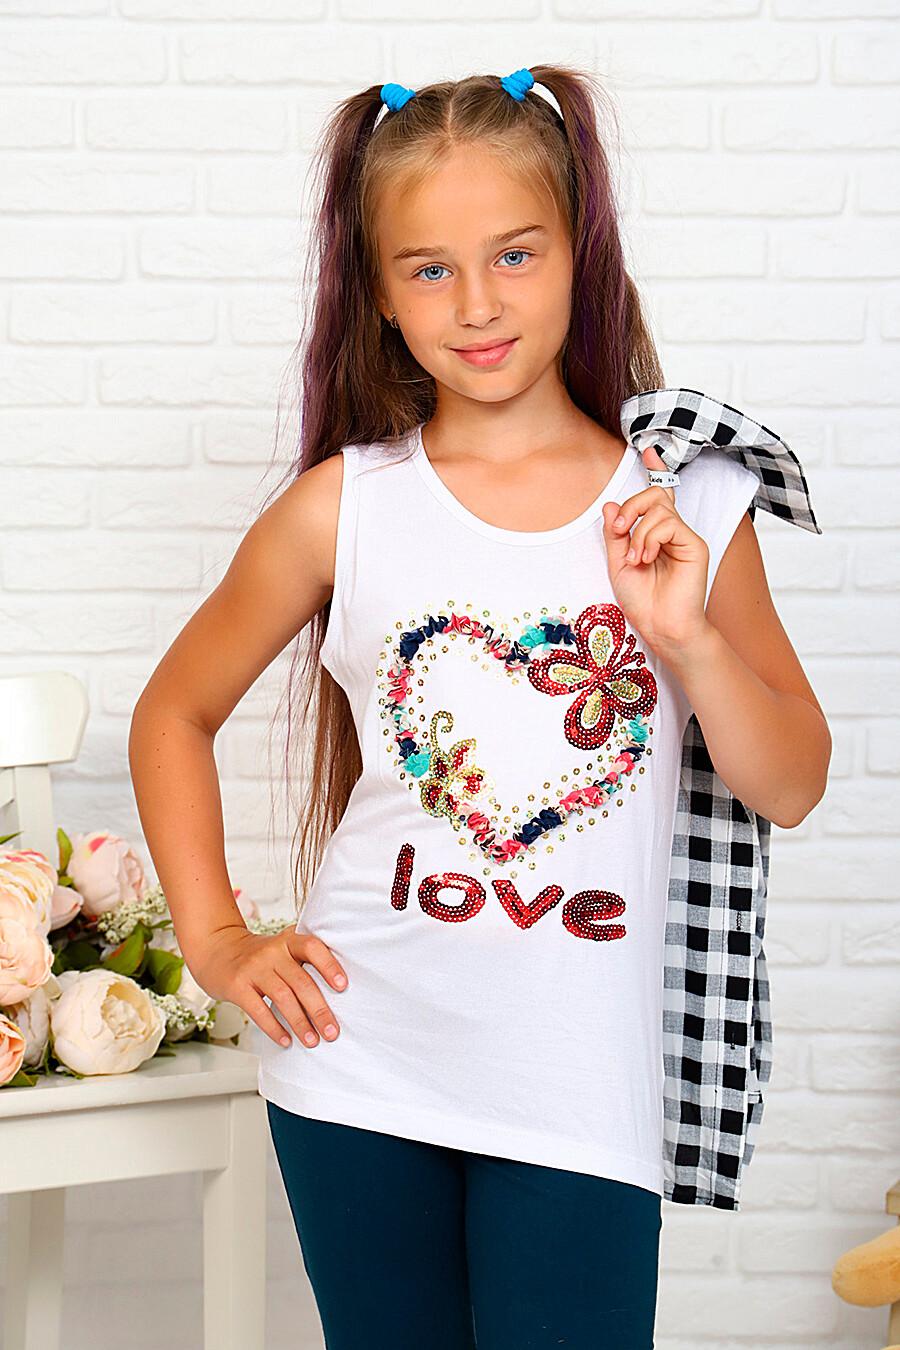 Комплект(Рубашка+майка) для девочек SOFIYA37 667893 купить оптом от производителя. Совместная покупка детской одежды в OptMoyo